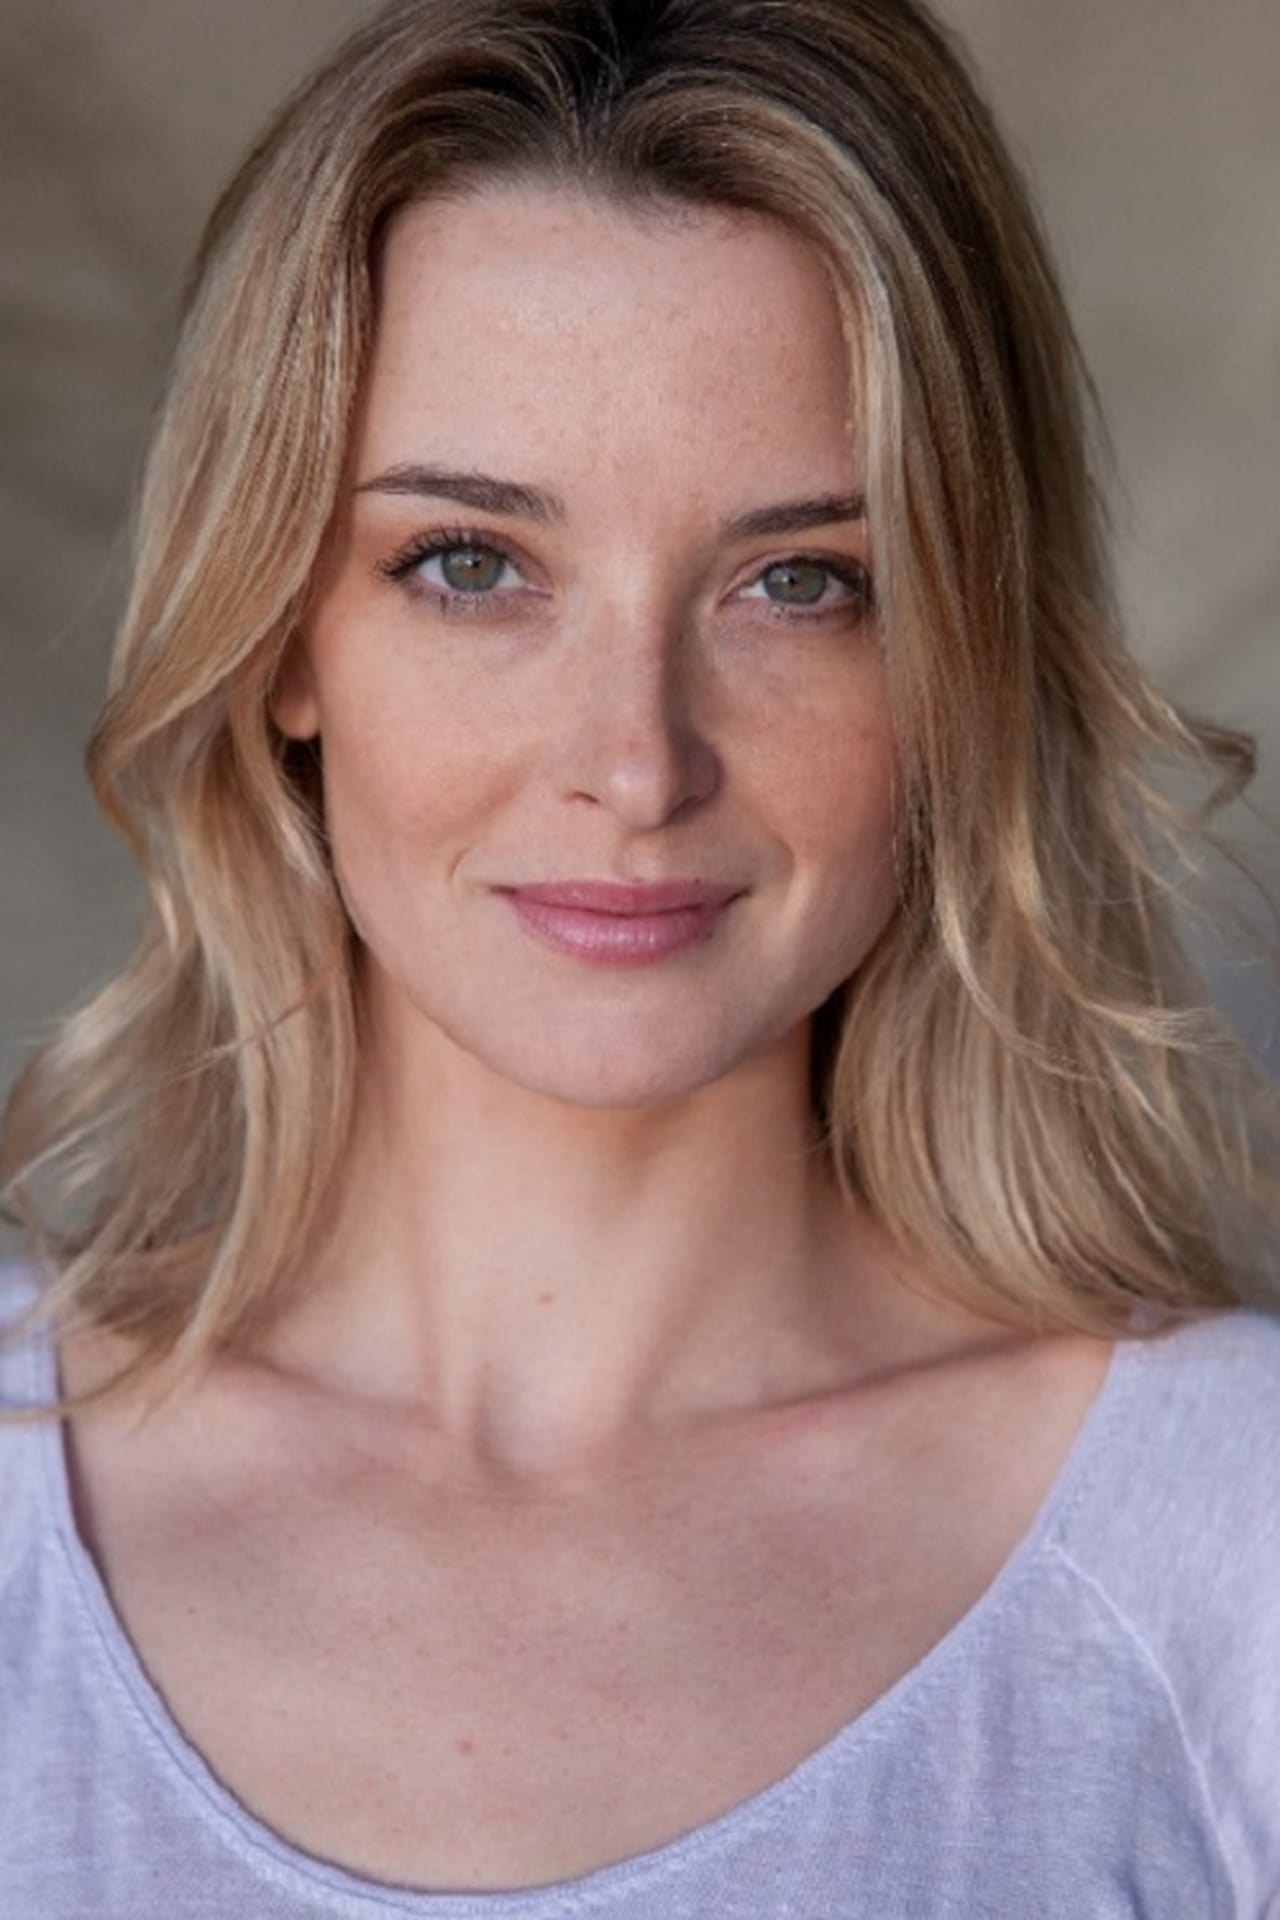 Emily Baldoni is